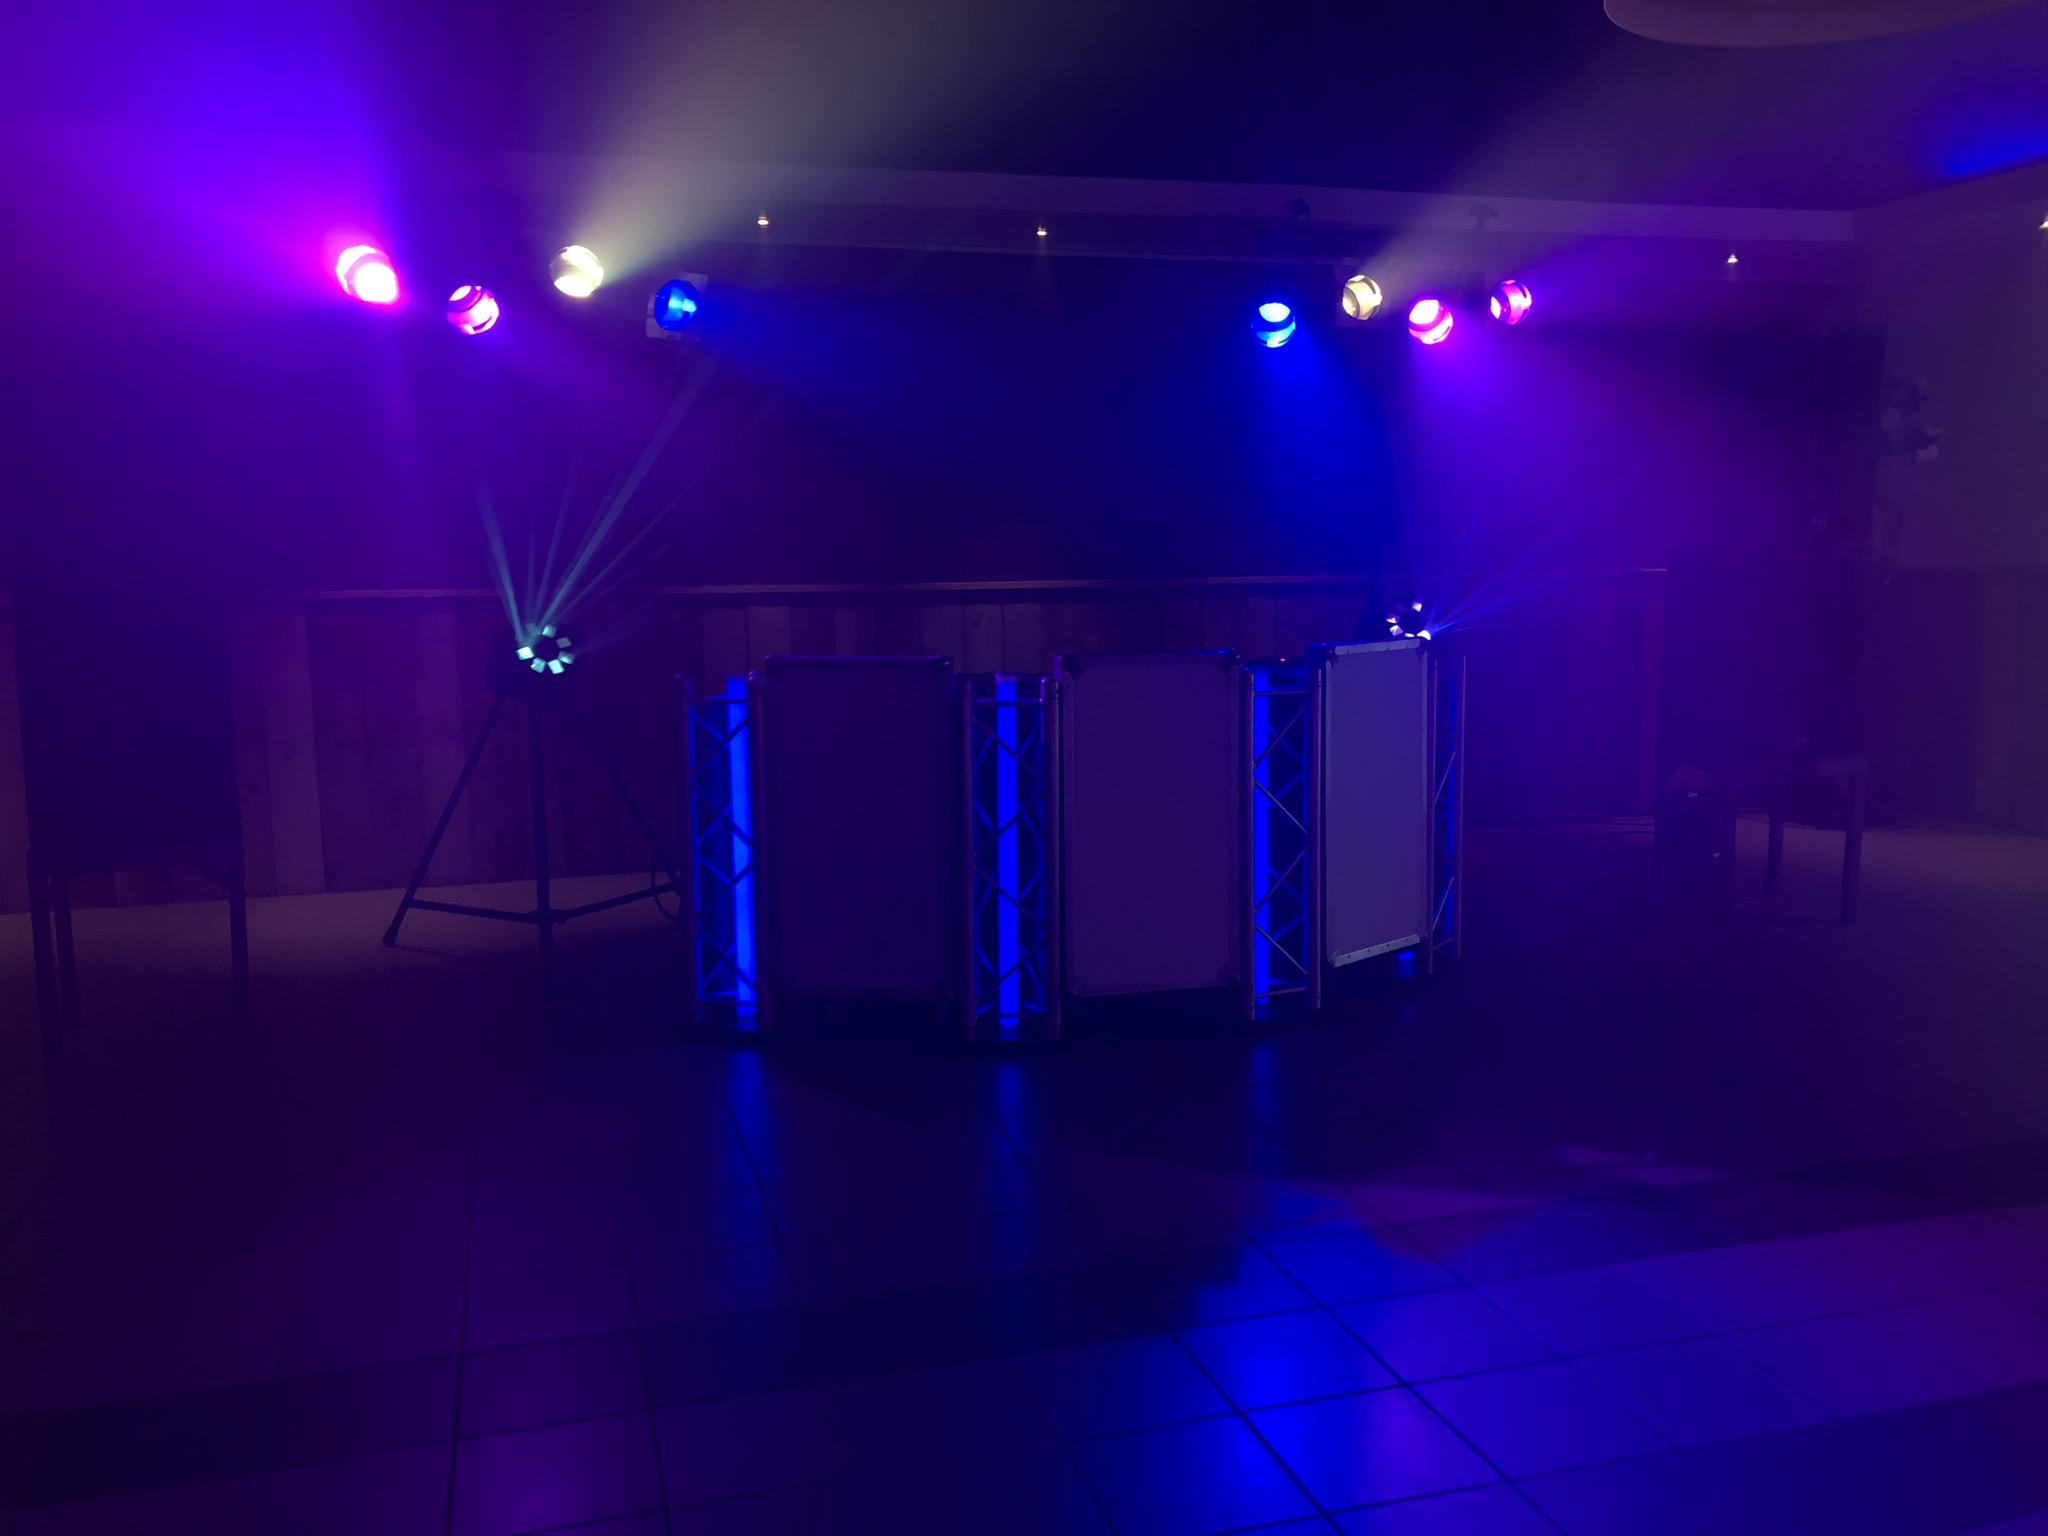 Star disco show 4